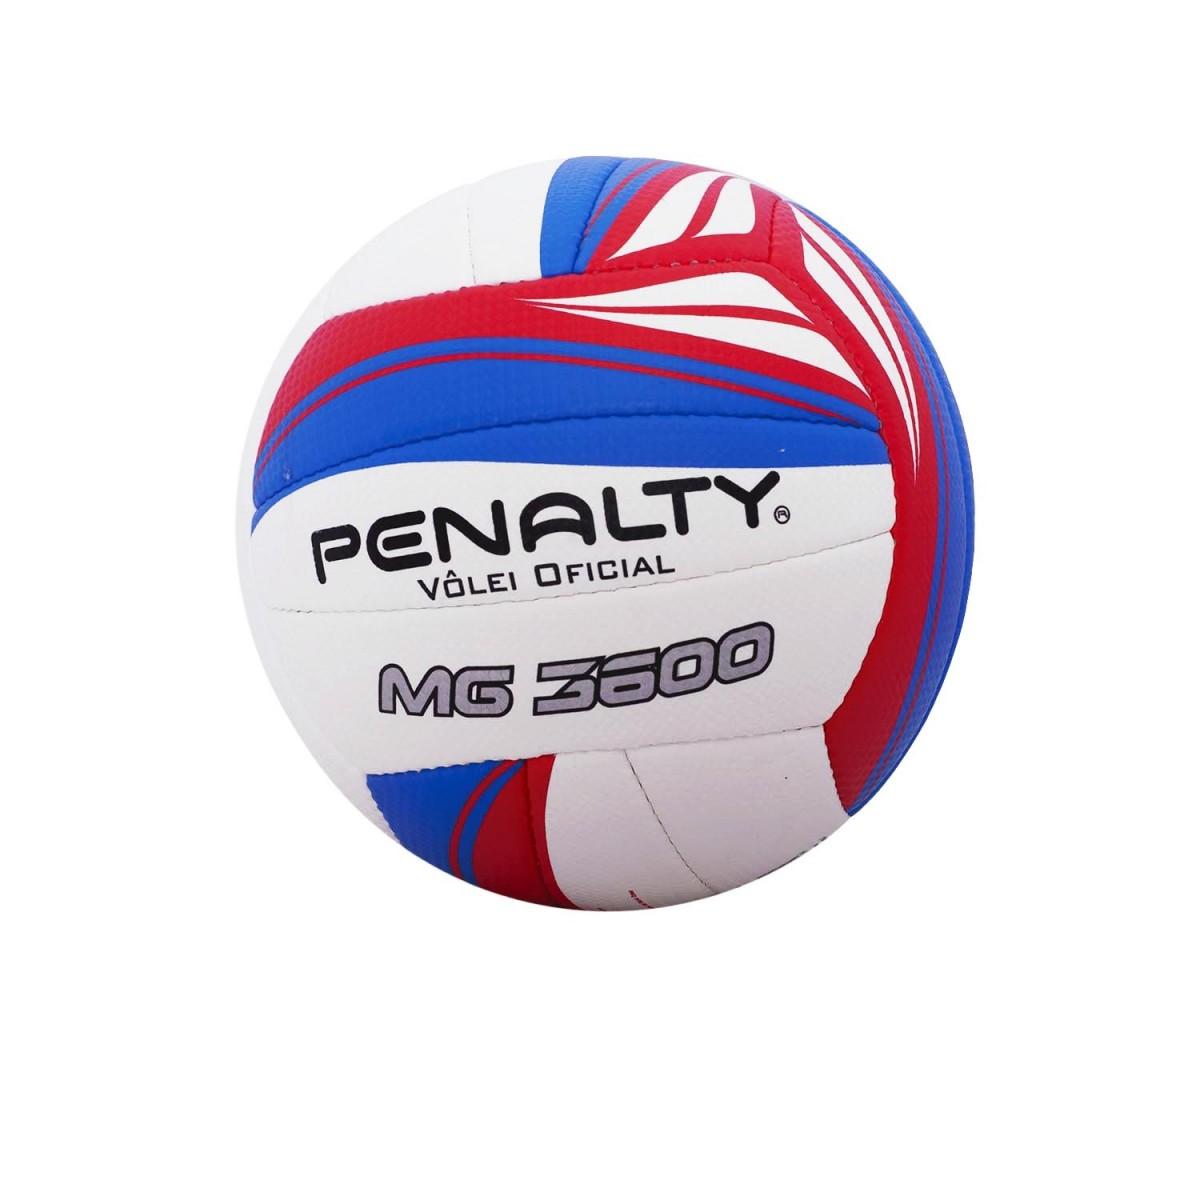 Pelota Penalty MG 3600